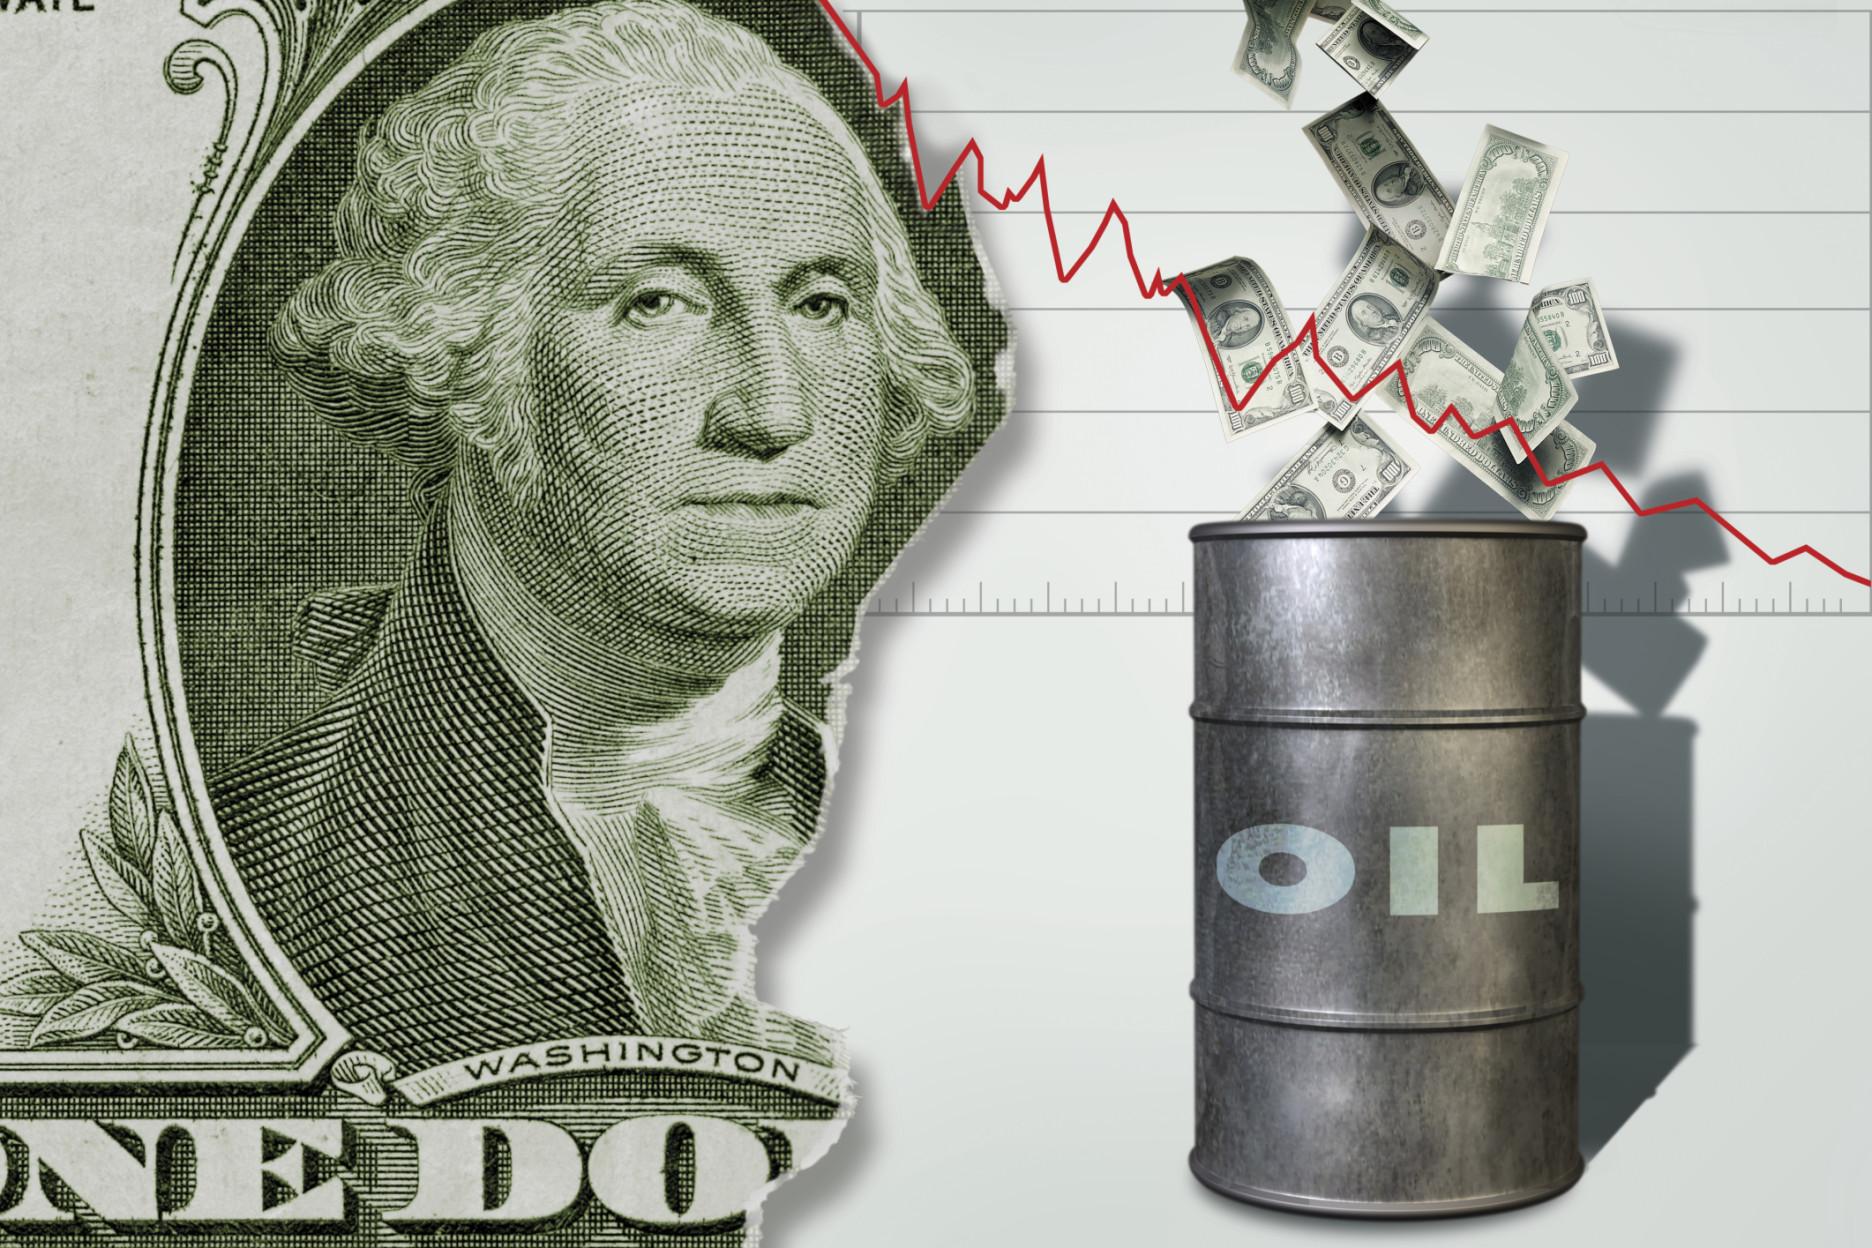 مخزونات النفط الأمريكية تخالف التوقعات بارتفاع 1.3 مليون برميل والنفط يتجاهل